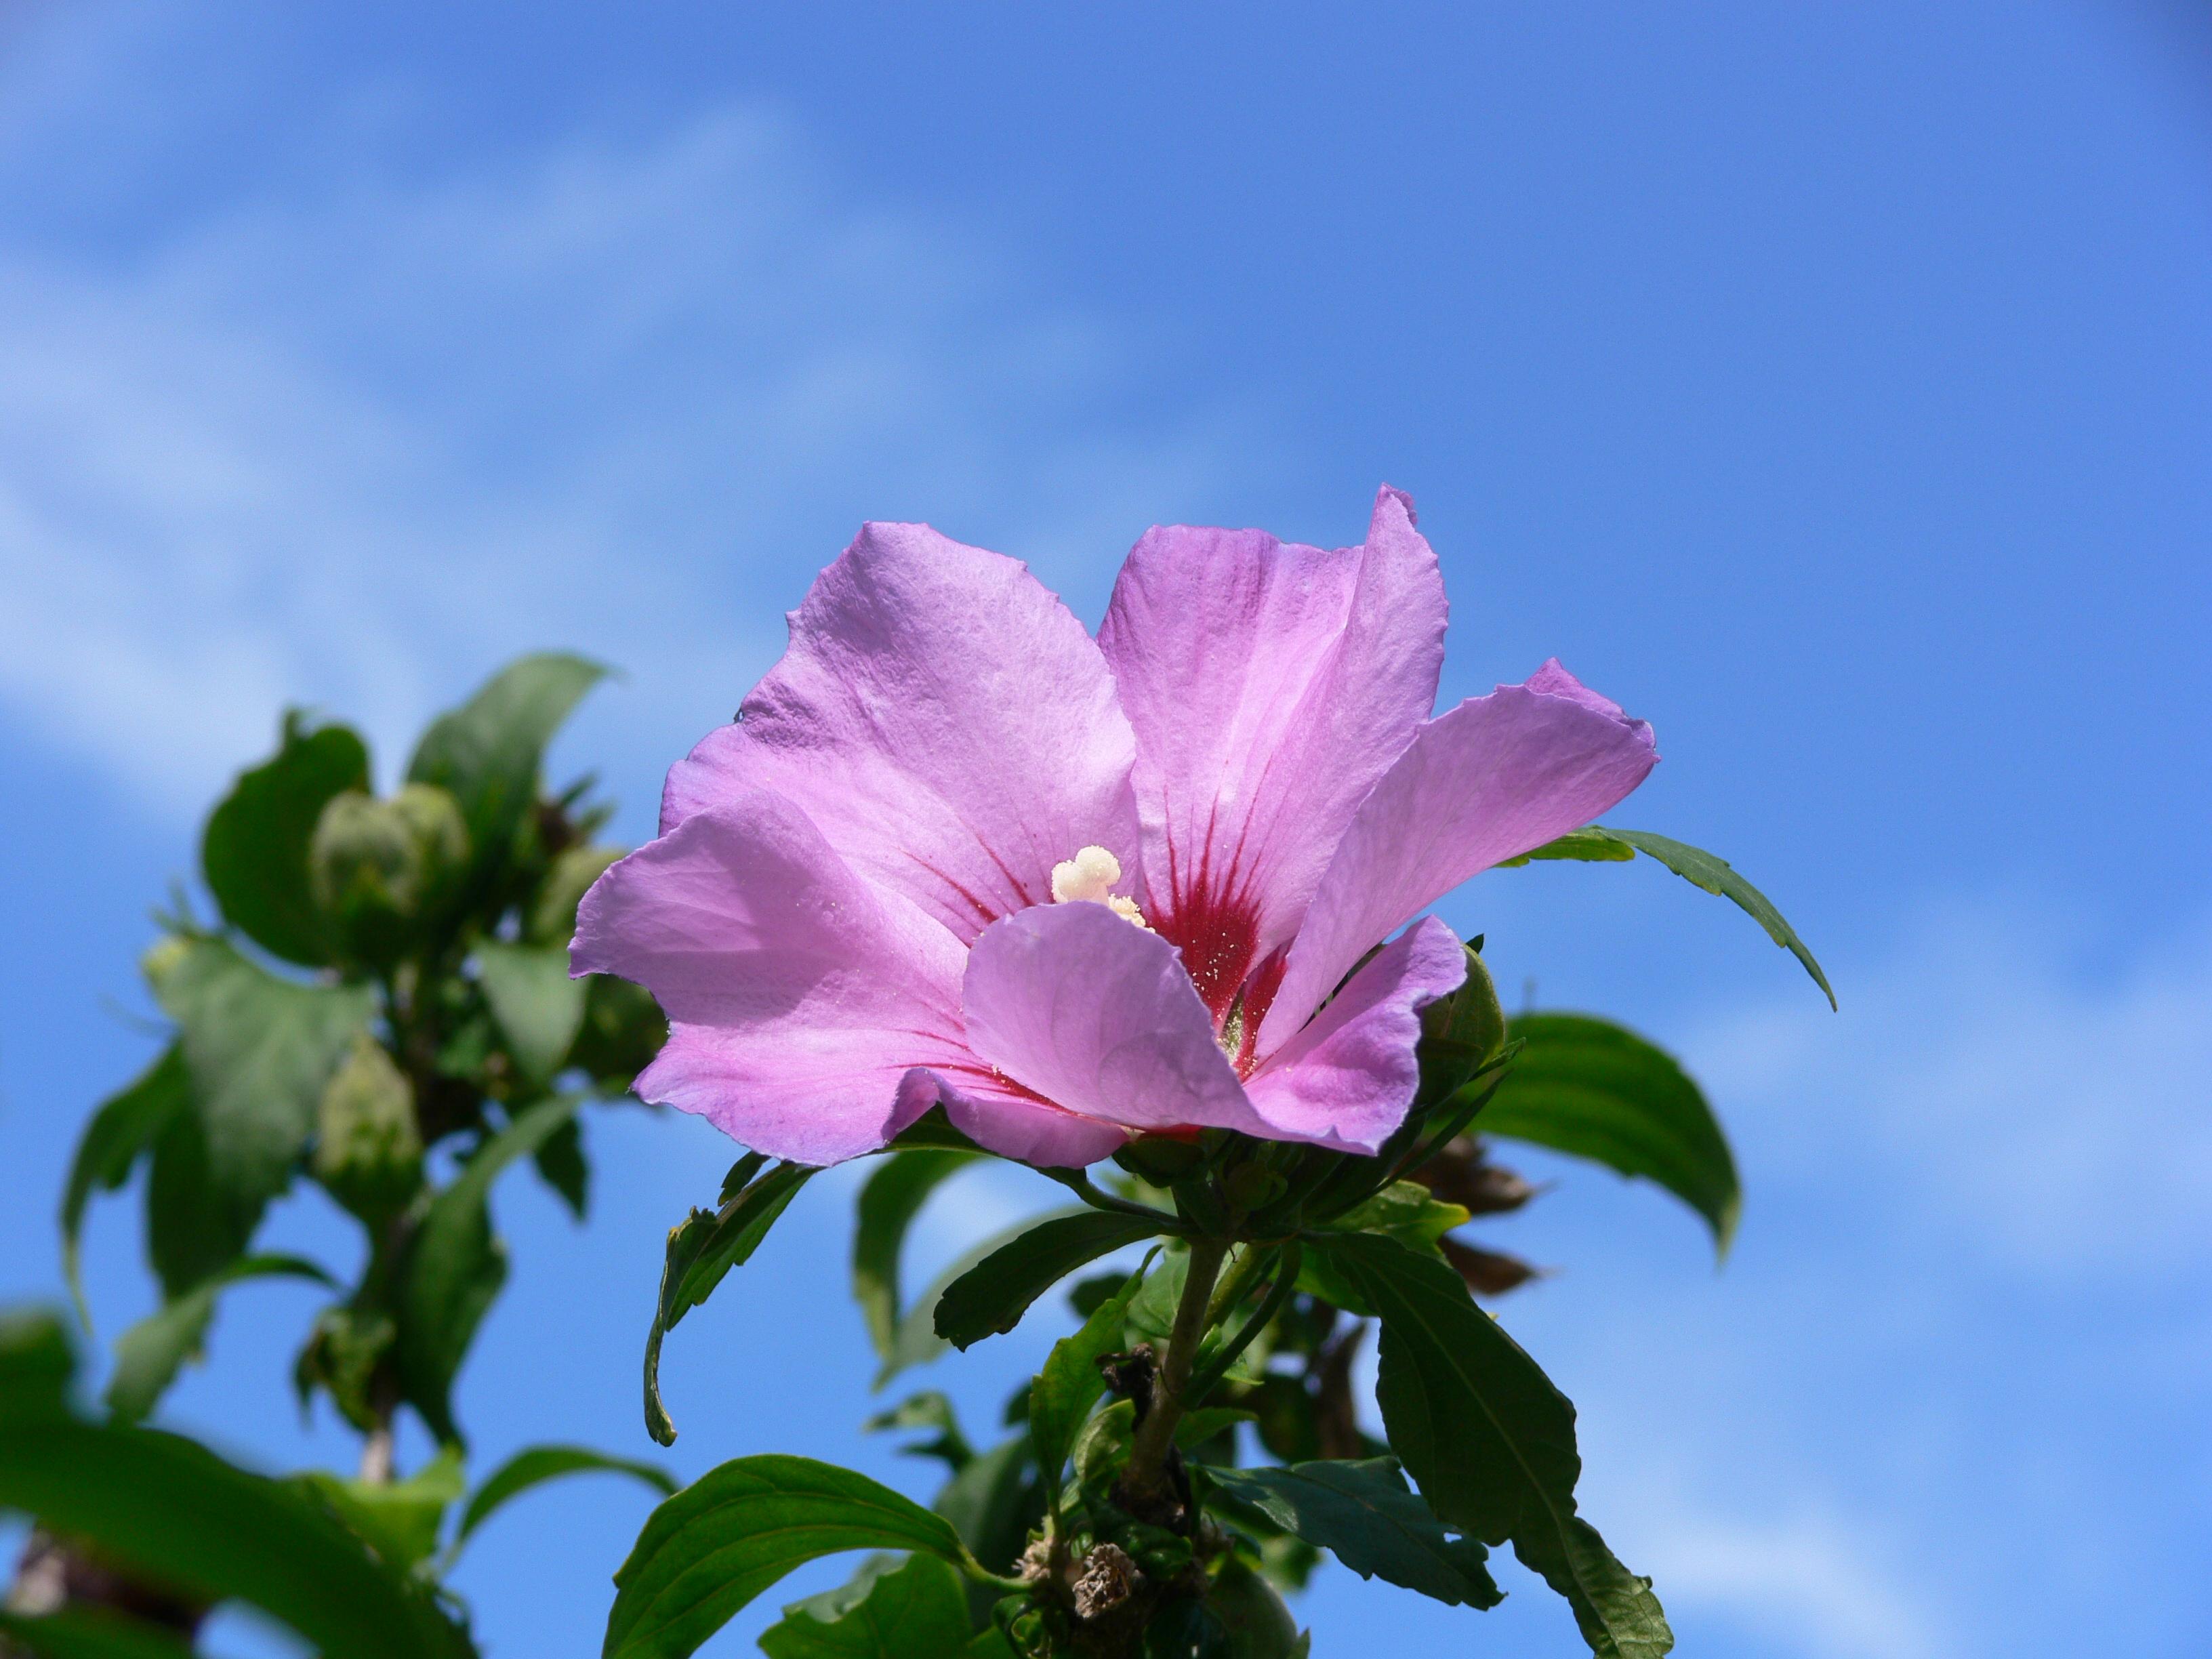 Planta medicinal - Malvariço, malvarisco, malva, hortelã grande